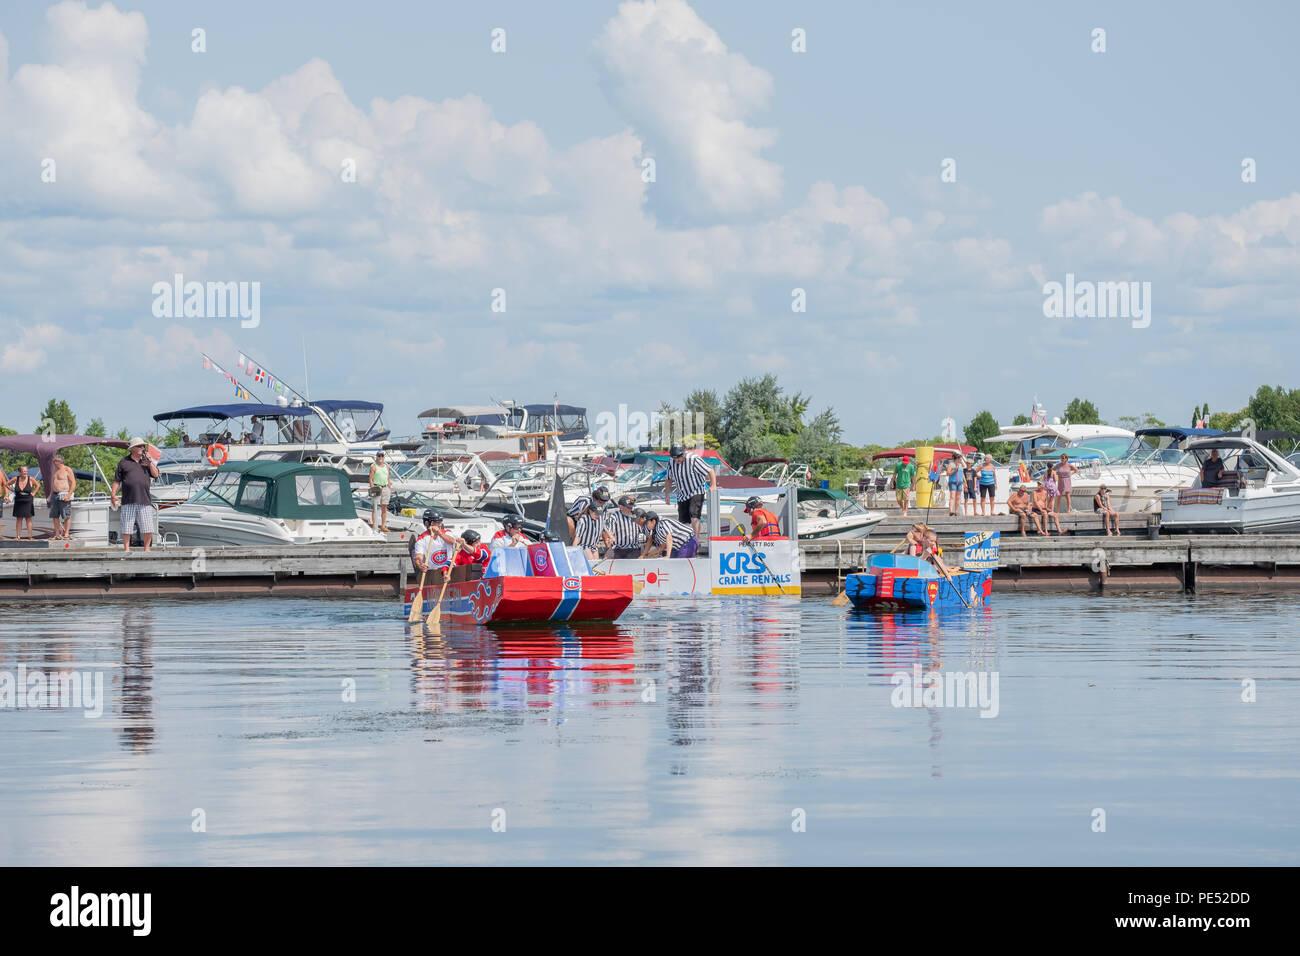 Los competidores comienzan la carrera de botes de cartón casera en el waterfront Festival en Orillia Ontario Canada. Foto de stock